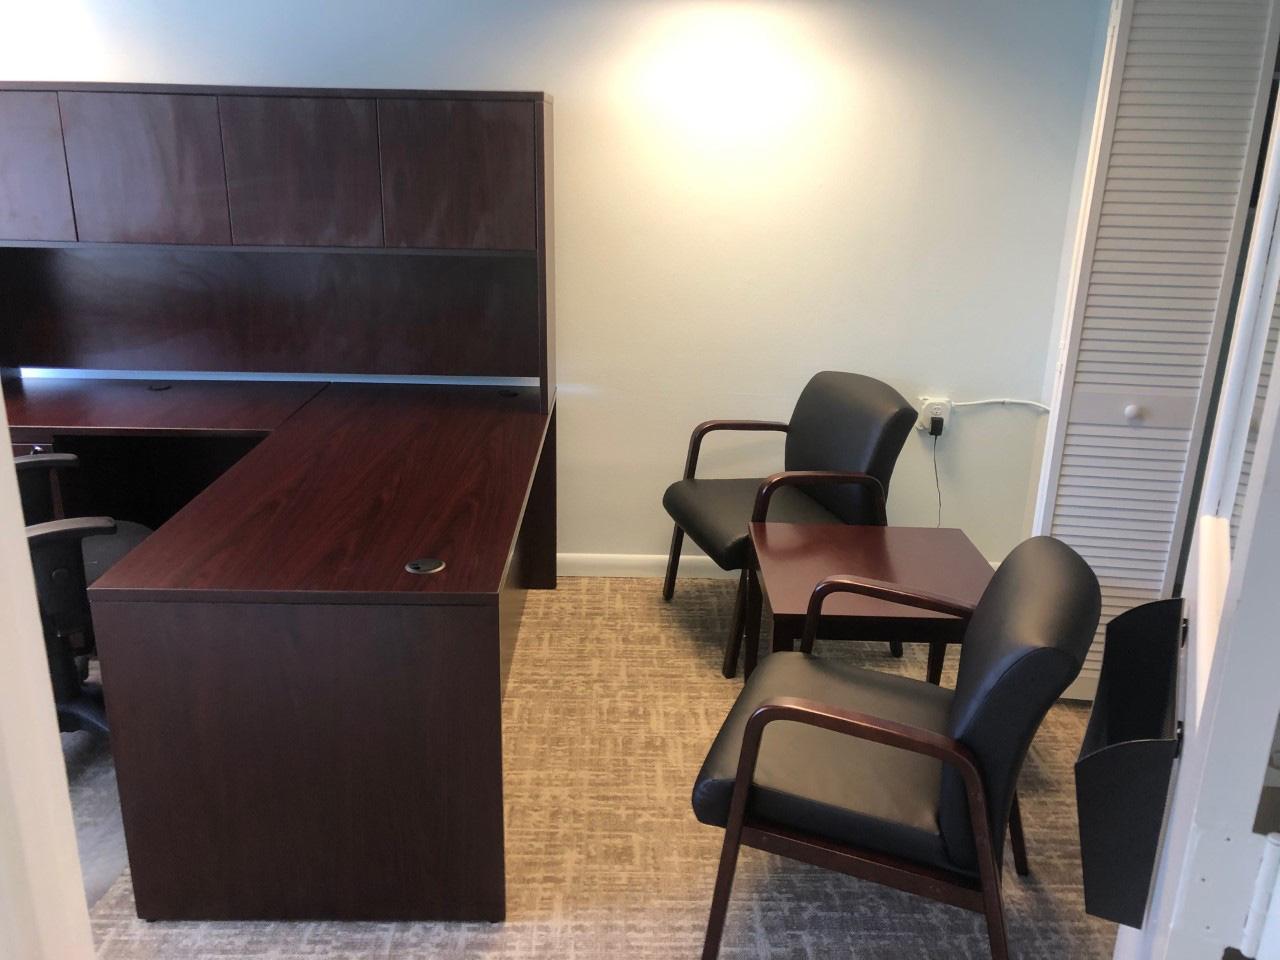 business-furniture-supplier-in-bradenton-florida-5-3-.jpg